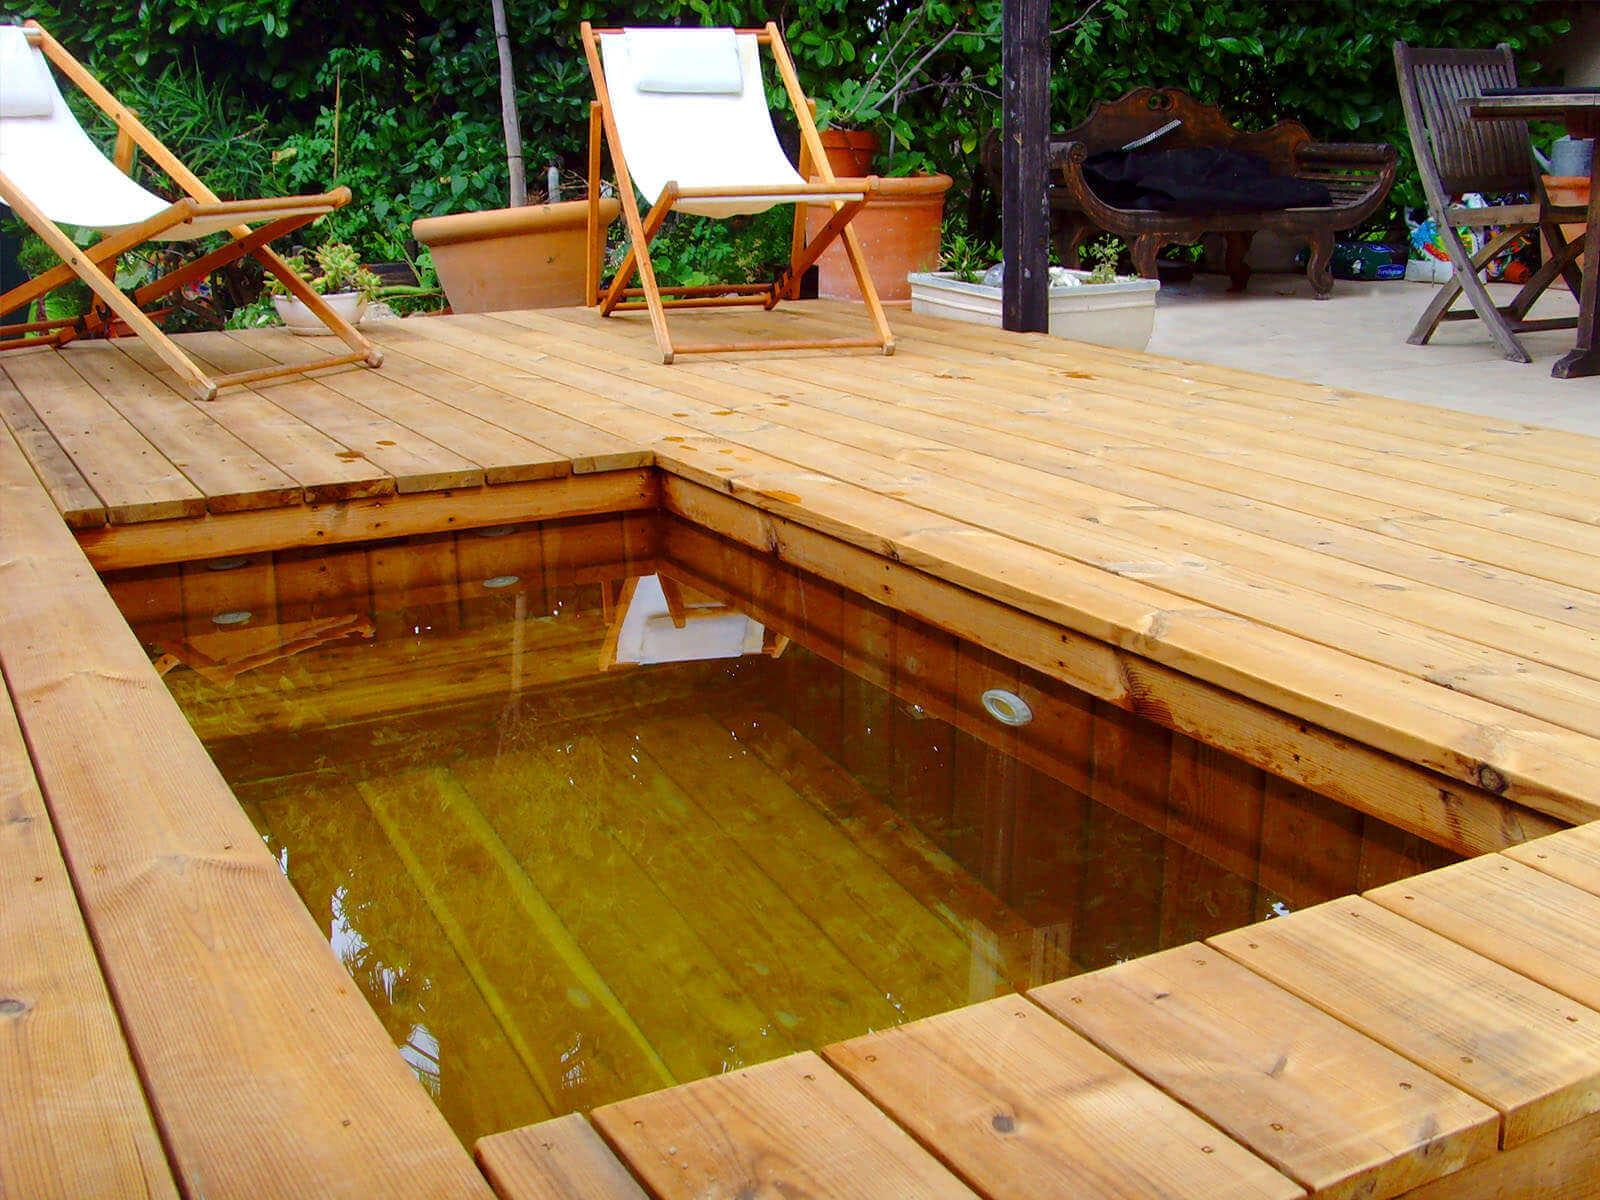 Photos de petites piscines en bois sans liner odyssea piscines for Meilleur chauffe piscine